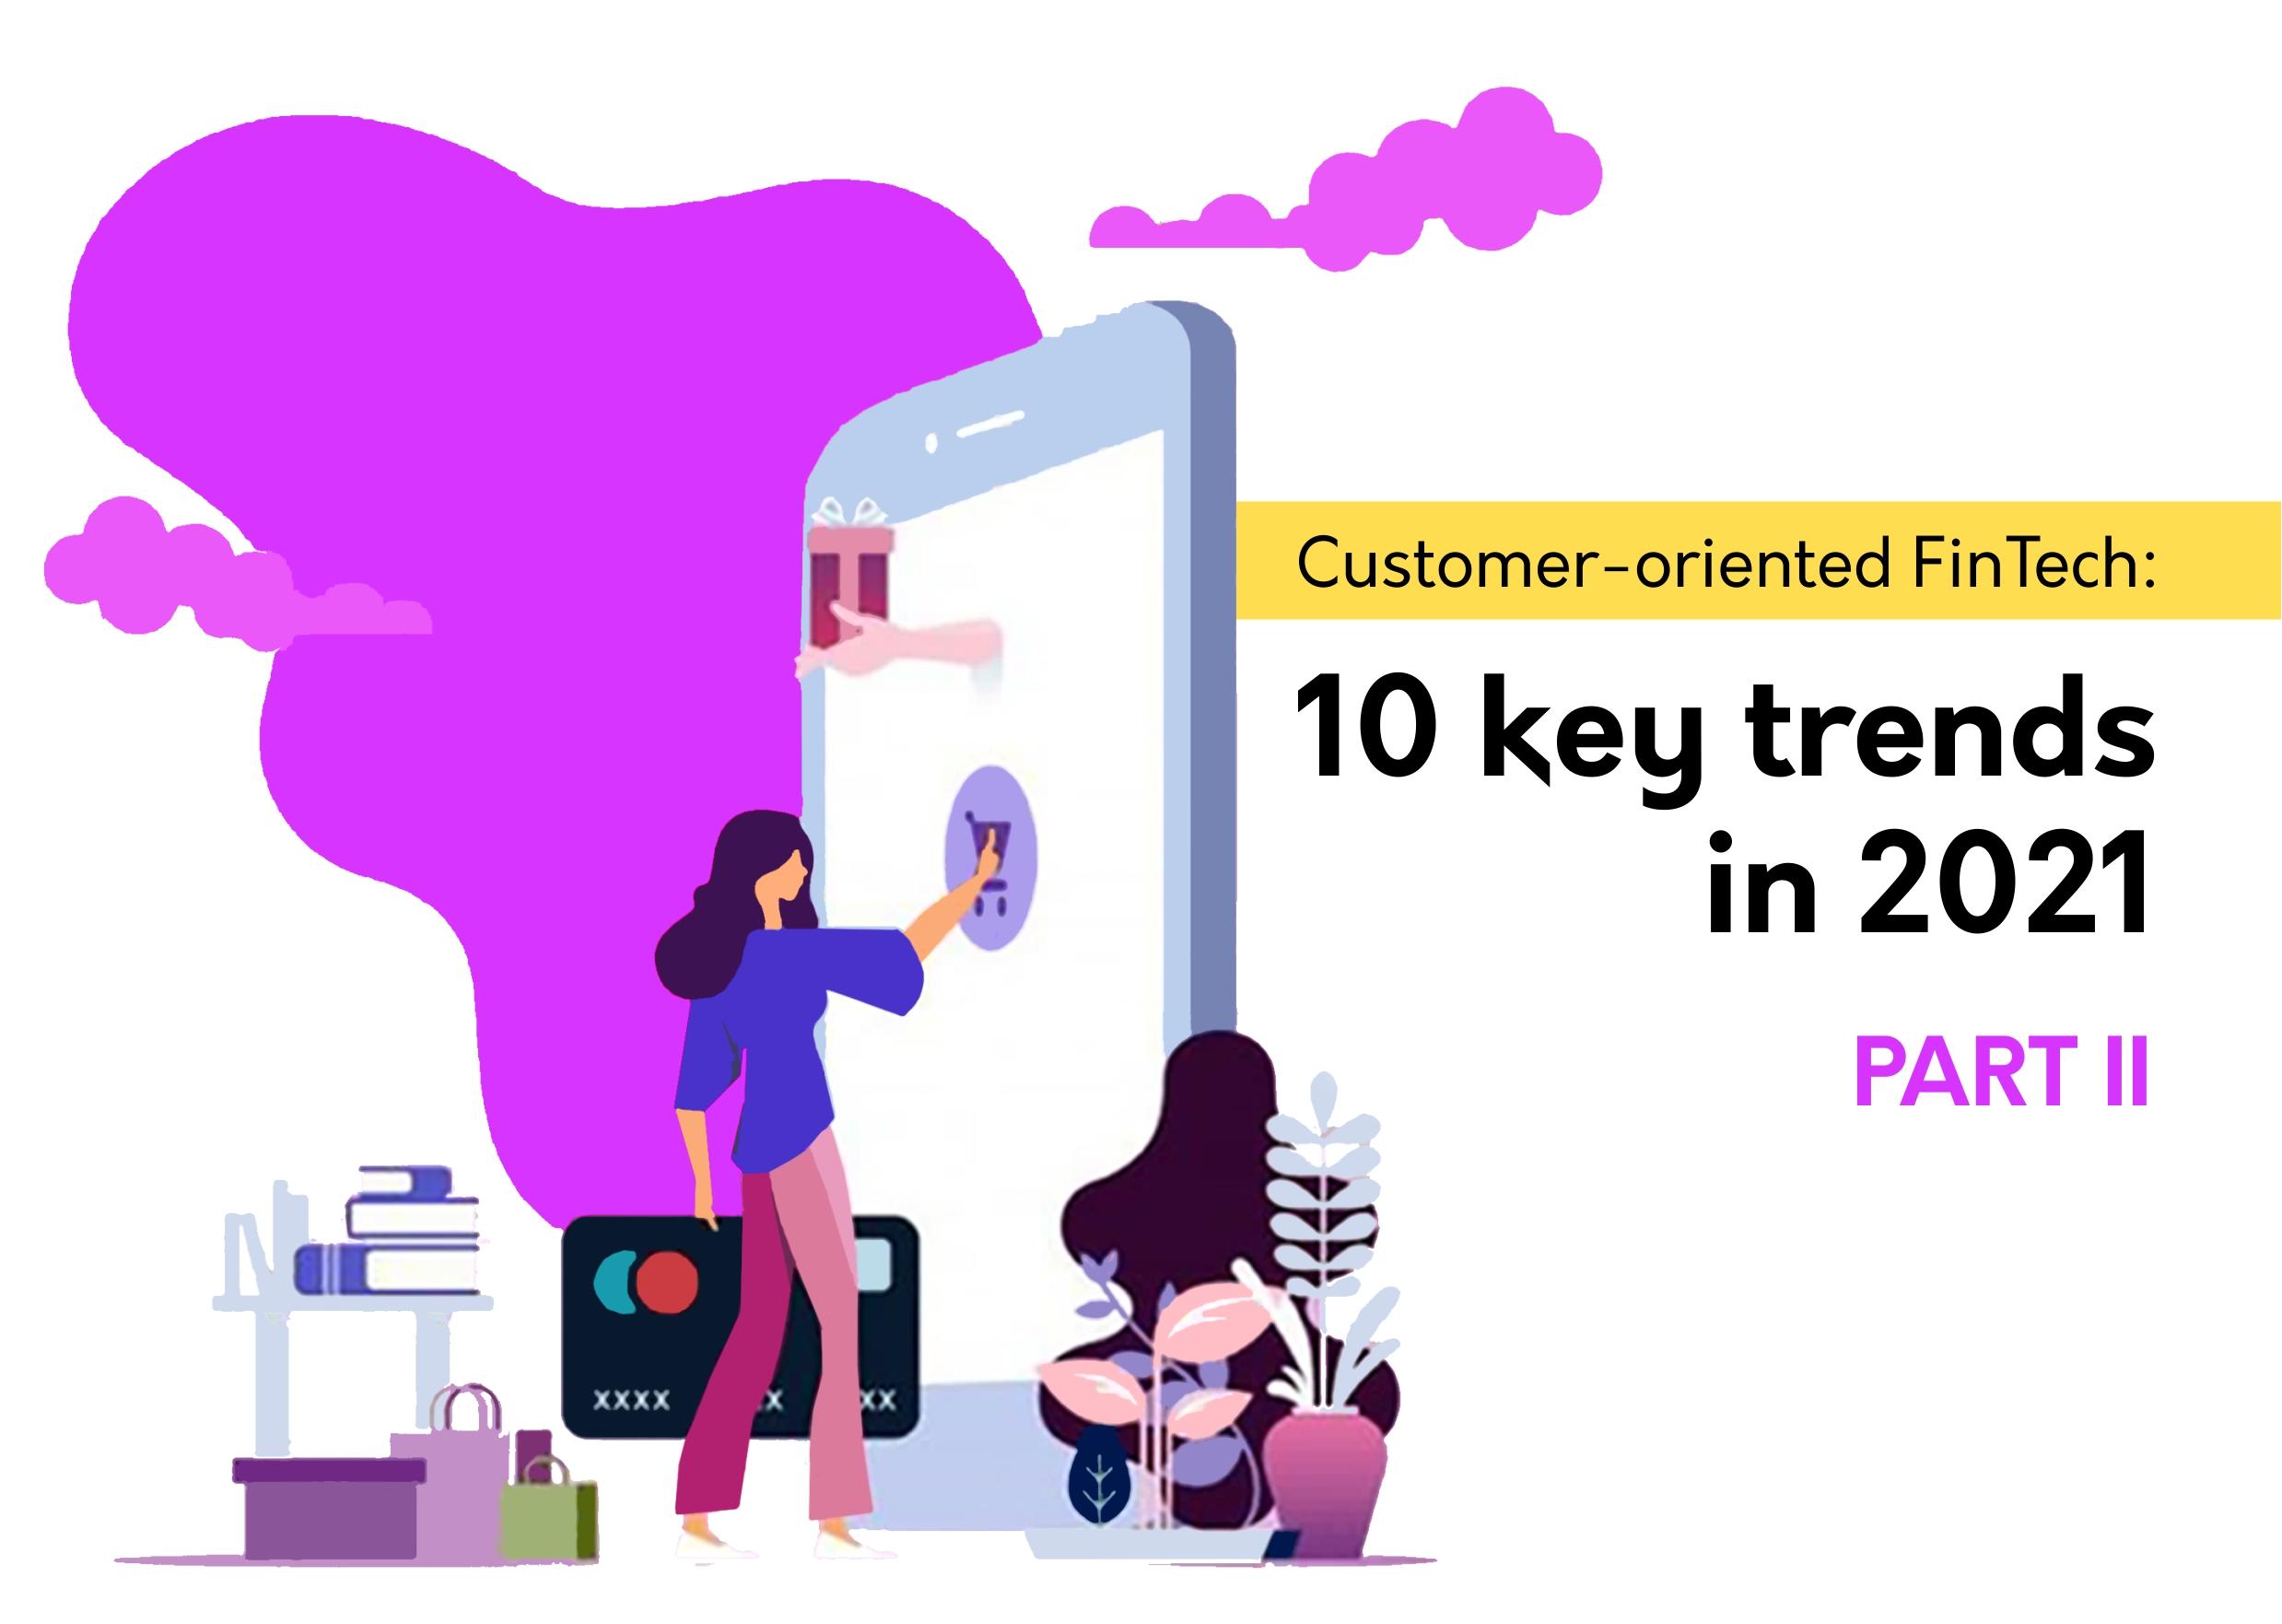 Customer-oriented FinTech: 10 key trends in 2021. Part II